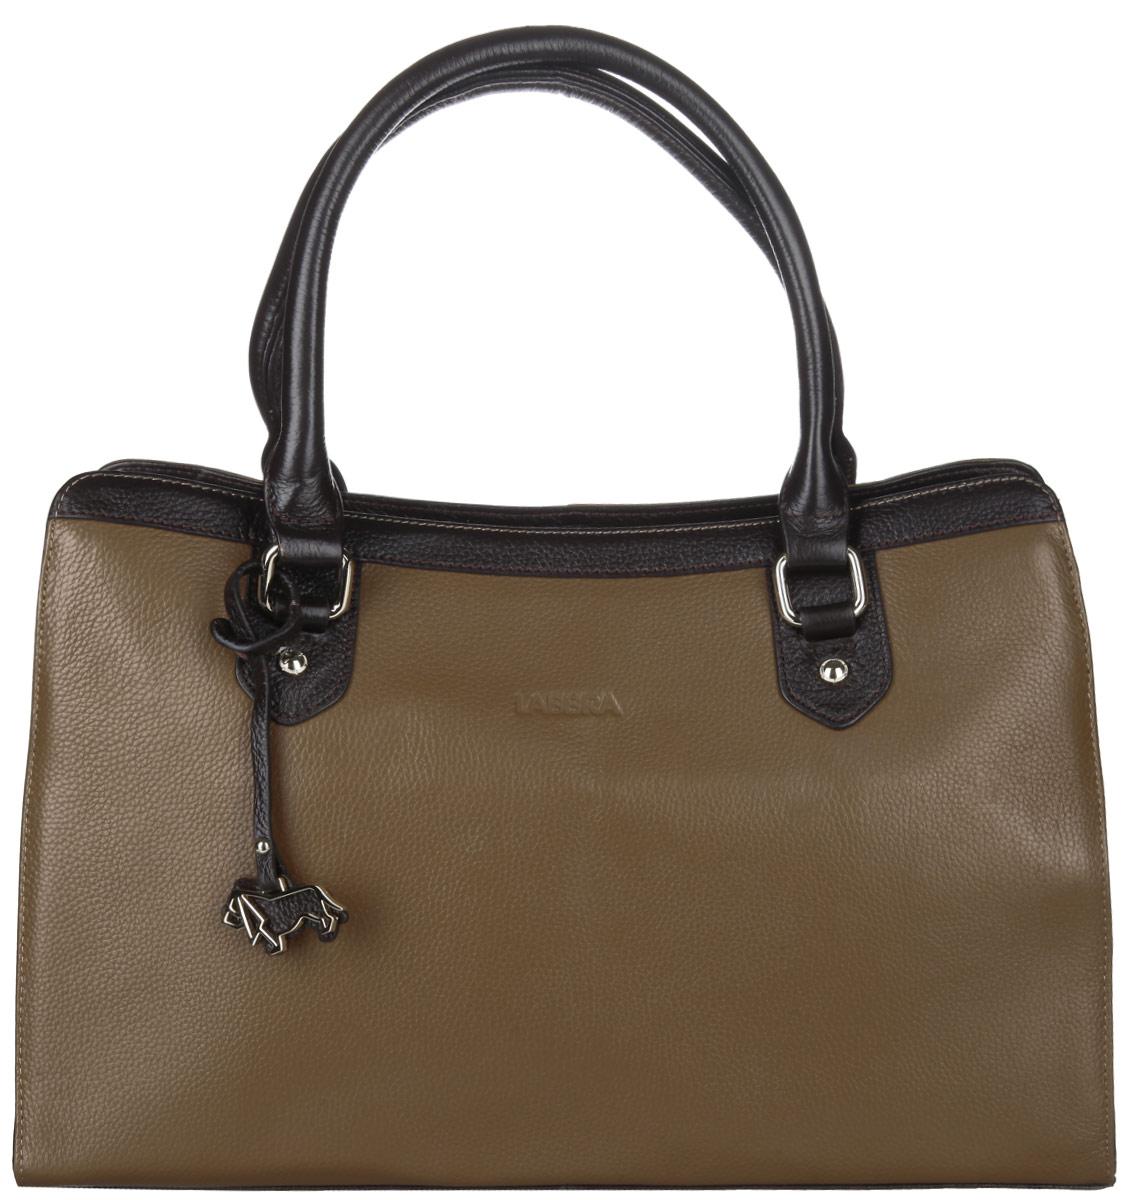 Сумка женская Labbra, цвет: бежево-коричневый, темно-коричневый. L-1508-2L-1508-2Стильная женская сумка Labbra выполнена из натуральной кожи с фактурным тиснением и украшена брелоком с логотипом бренда. Изделие имеет одно основное отделение, закрывающееся на застежку-молнию. Внутри находятся два накладных открытых кармана, прорезной карман на застежке-молнии и накладной карман с отделением на застежке-молнии. Снаружи, на задней стенке предусмотрен прорезной карман на застежке-молнии. Сумка оснащена двумя удобными ручками. В комплект входит съемный плечевой ремень и фирменный чехол для хранения. Основание сумки защищено от повреждений металлическими ножками. Стильная сумка Labbra прекрасно дополнит ваш образ.